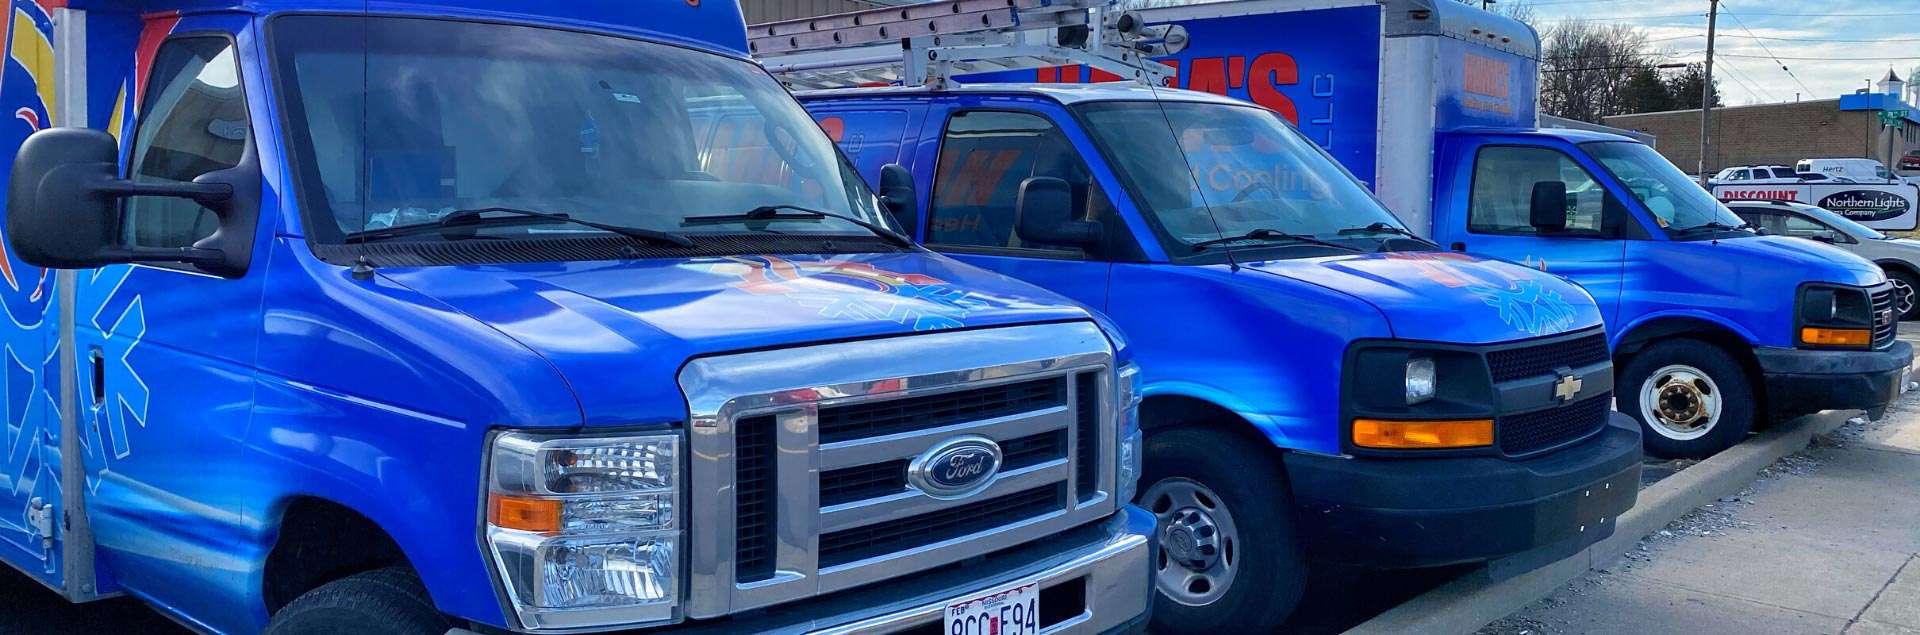 Website Slider - Trucks